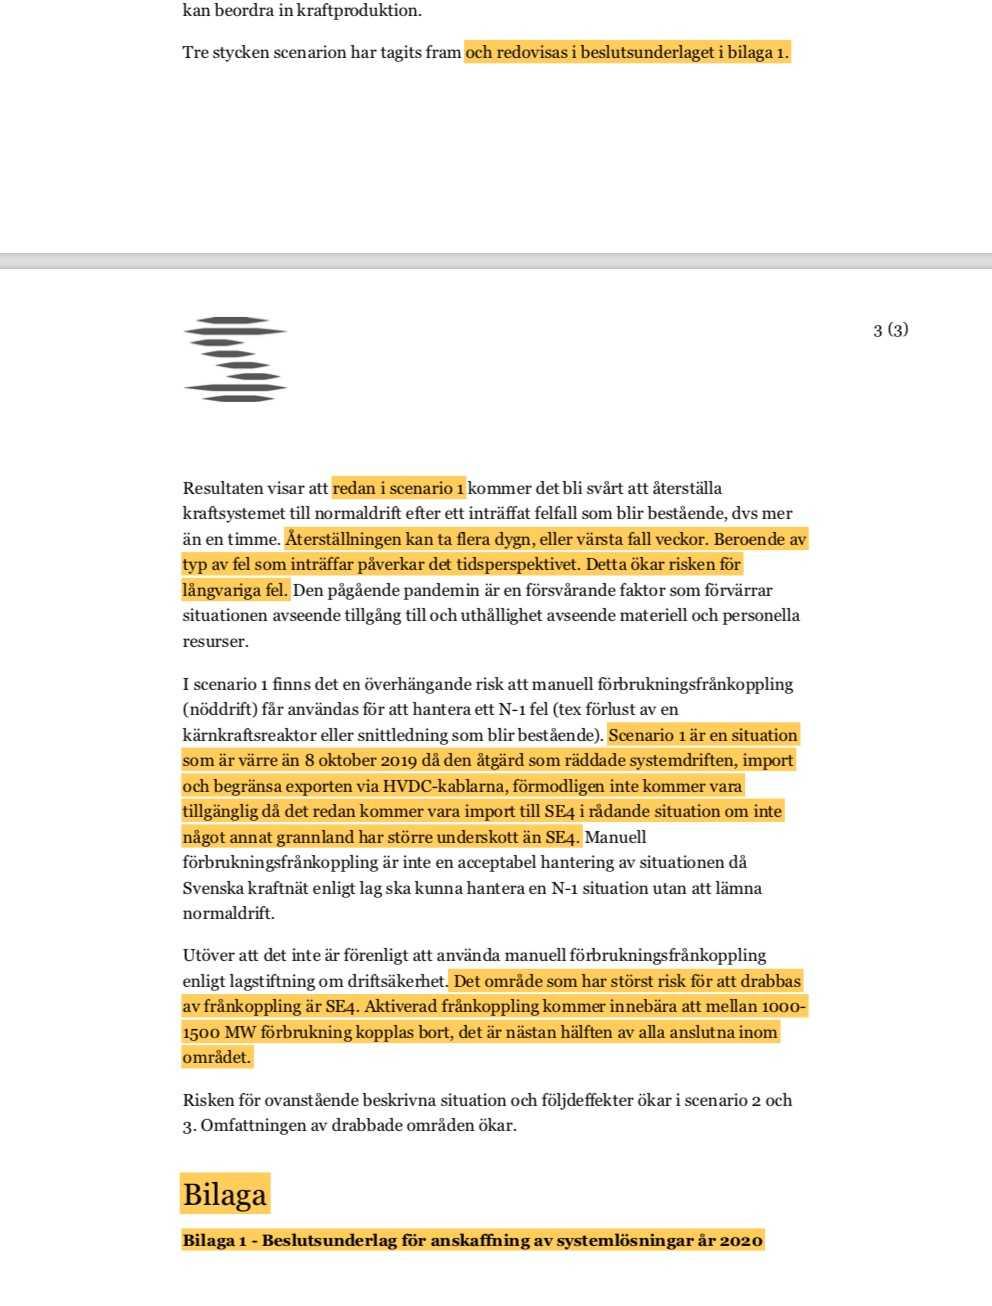 Originalhandlingen som Aftonbladet tagit del av. Den markerade texten har raderats i handlingen som myndigheten lämnar ut.